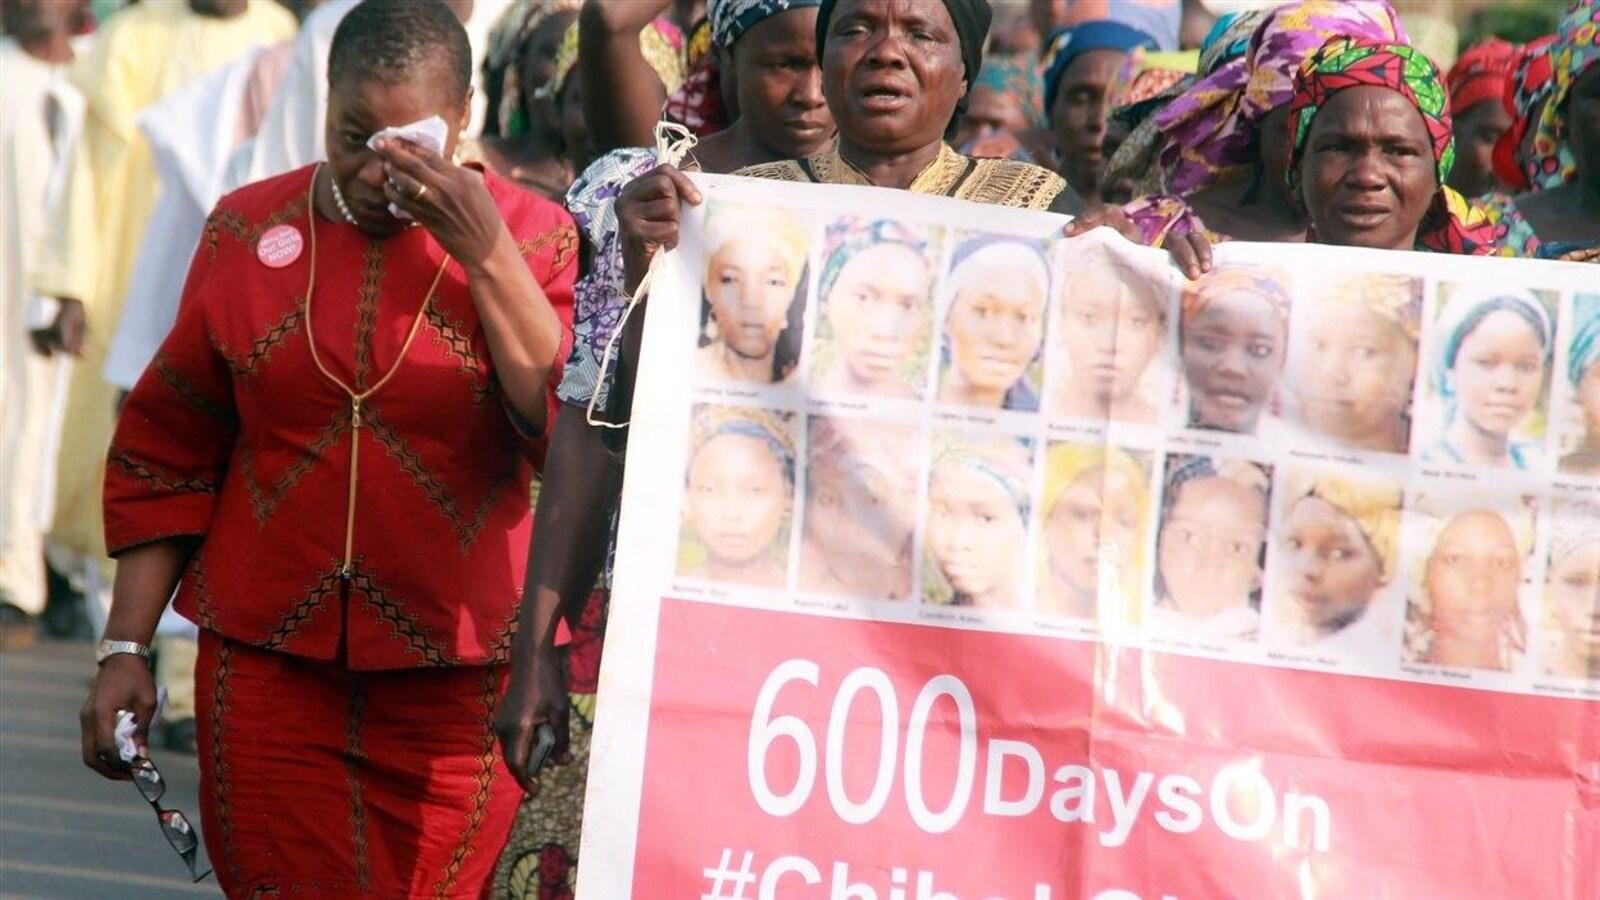 La coordonnatrice du mouvement Bring Back Our Girls, Oby Ezekwesili, pleure tandis qu'elle manifestait avec les mères des écolières enlevées par Boko Haram, lors d'un rassemblement à Abuja en janvier 2016.